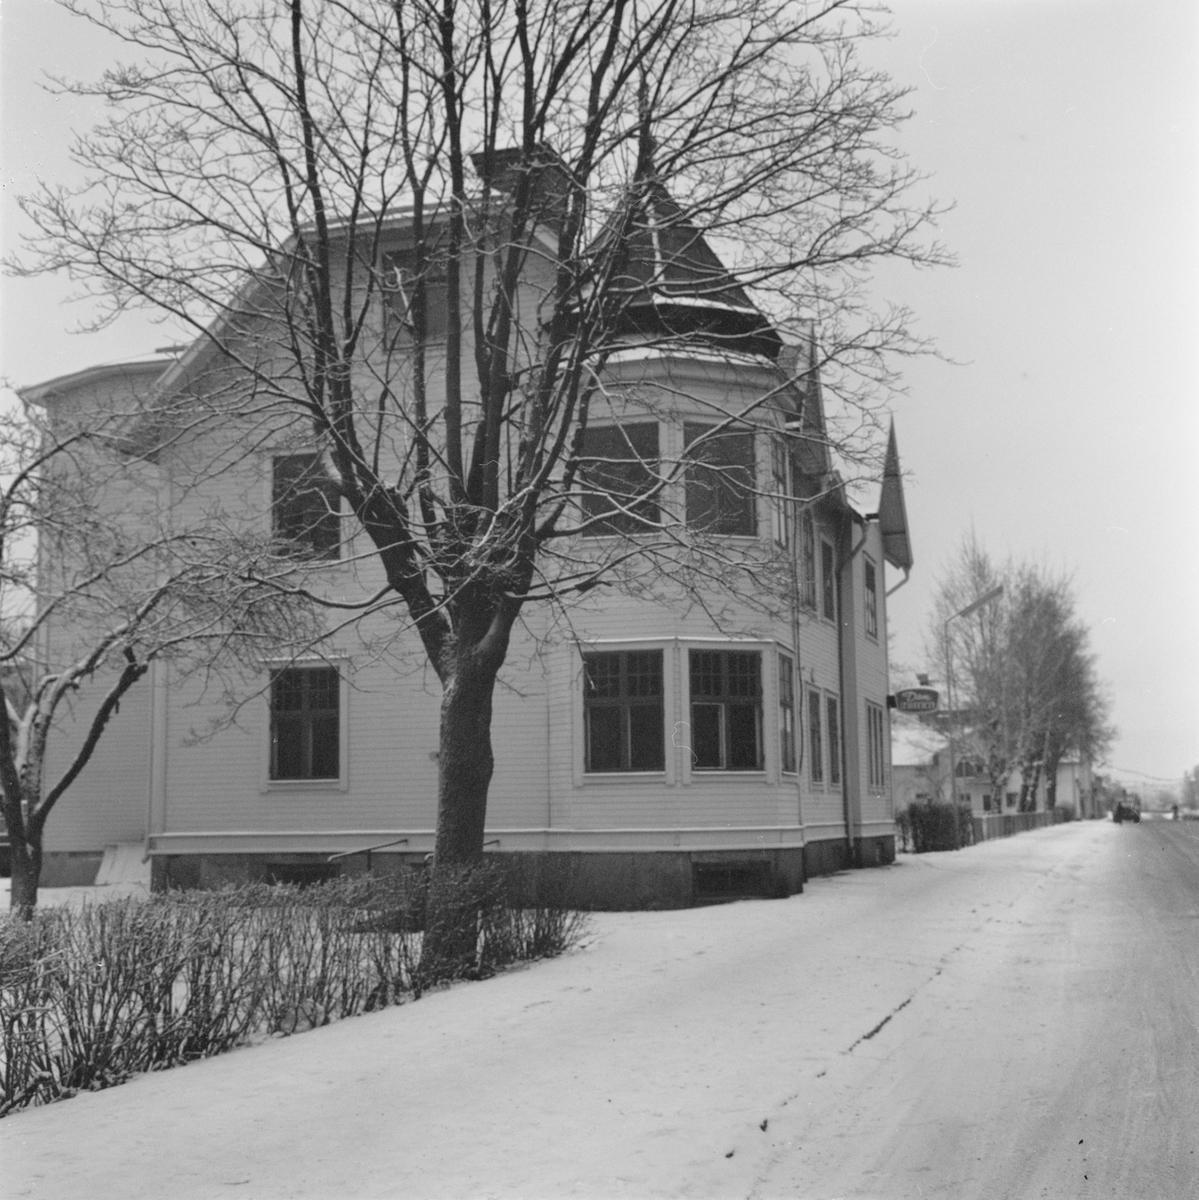 Tierpshus rivs - plats för nya skolan, Uppland, januari 1972